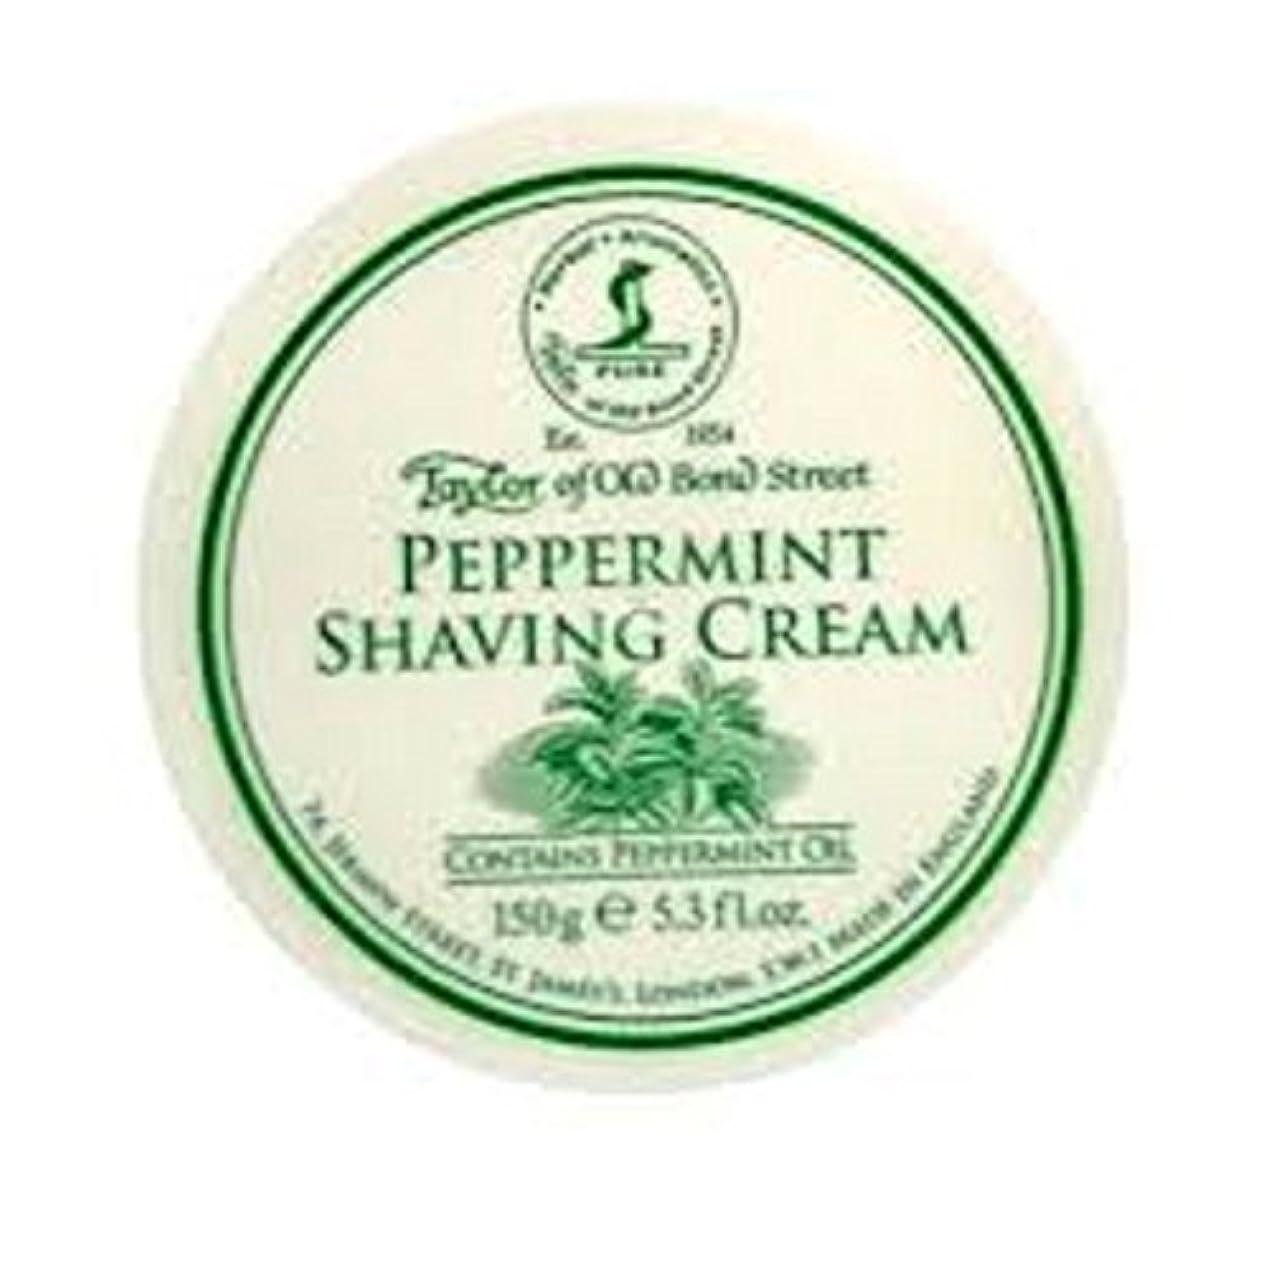 対応ちなみに提供するTaylors of Old Bond Street 150g Traditional Shaving Cream Tub (Peppermint) by Taylor of Old Bond Street